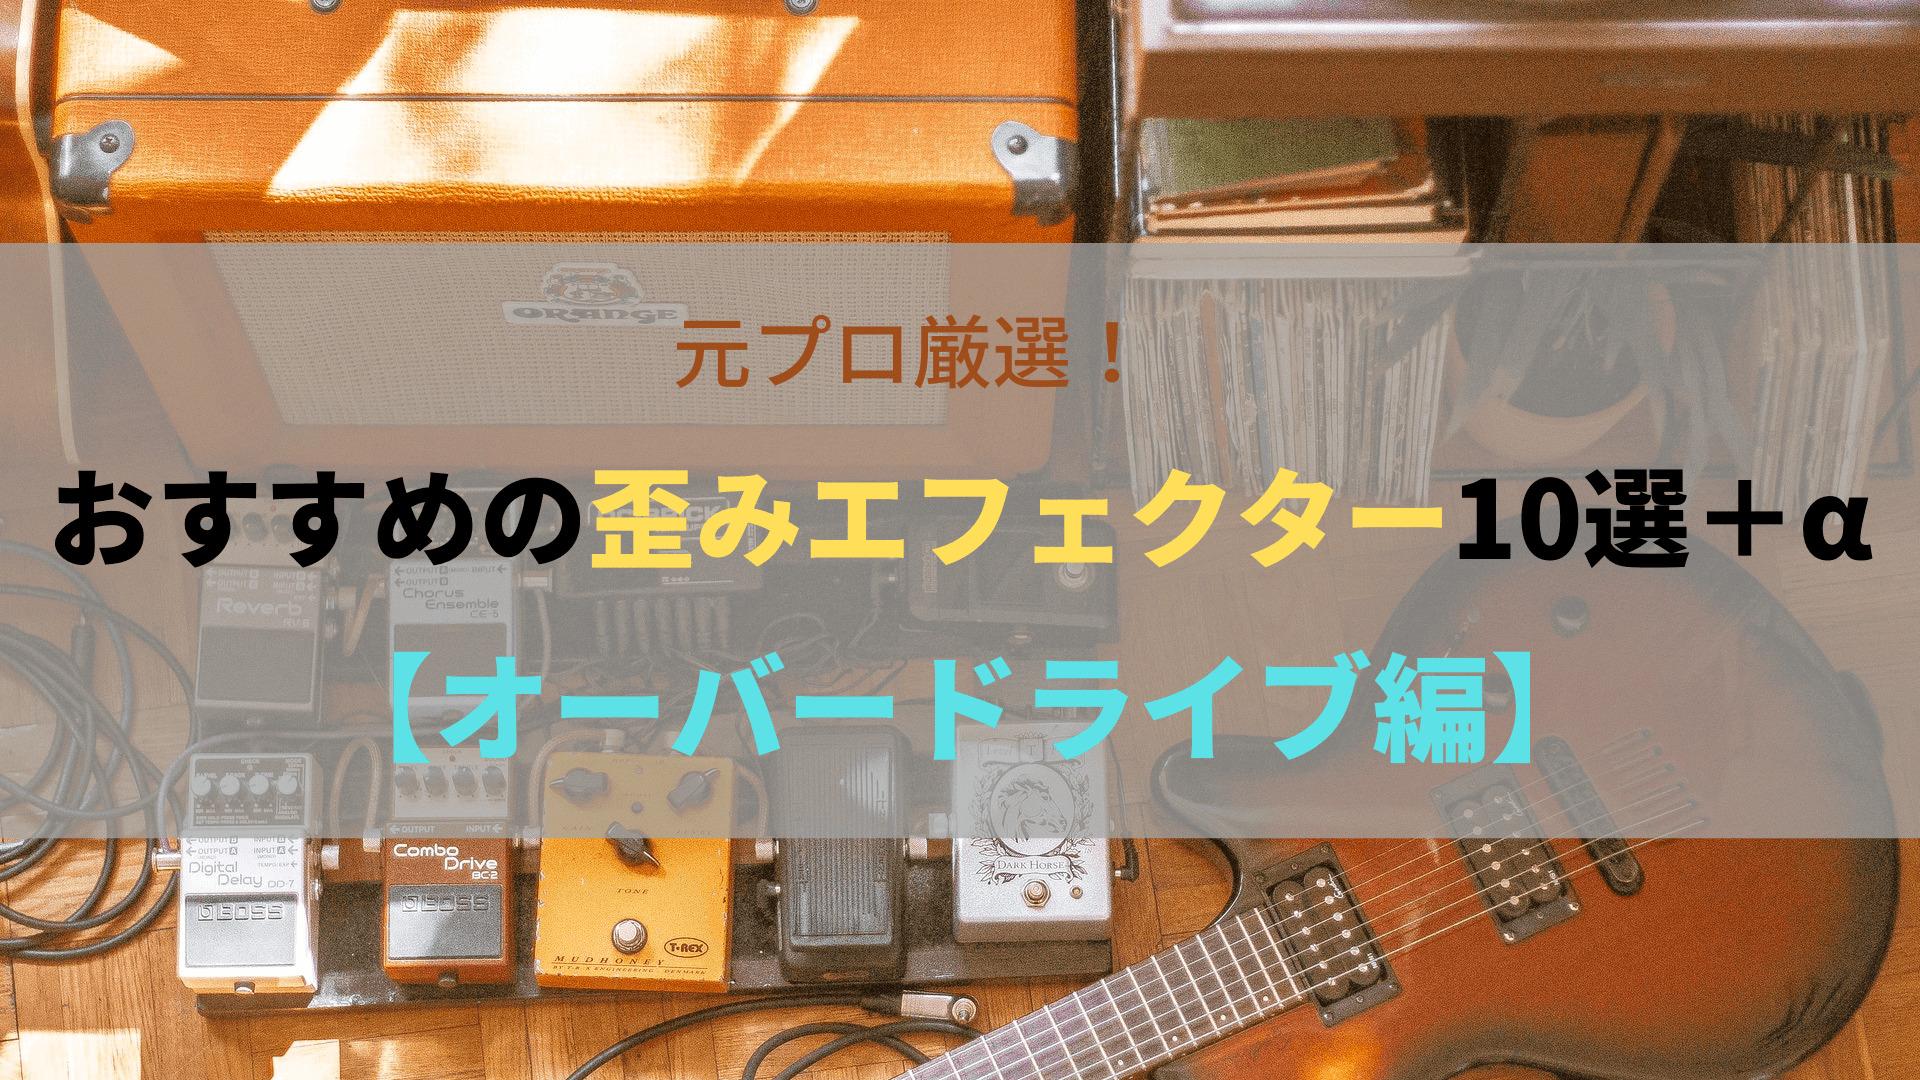 おすすめオーバードライブ10選+α